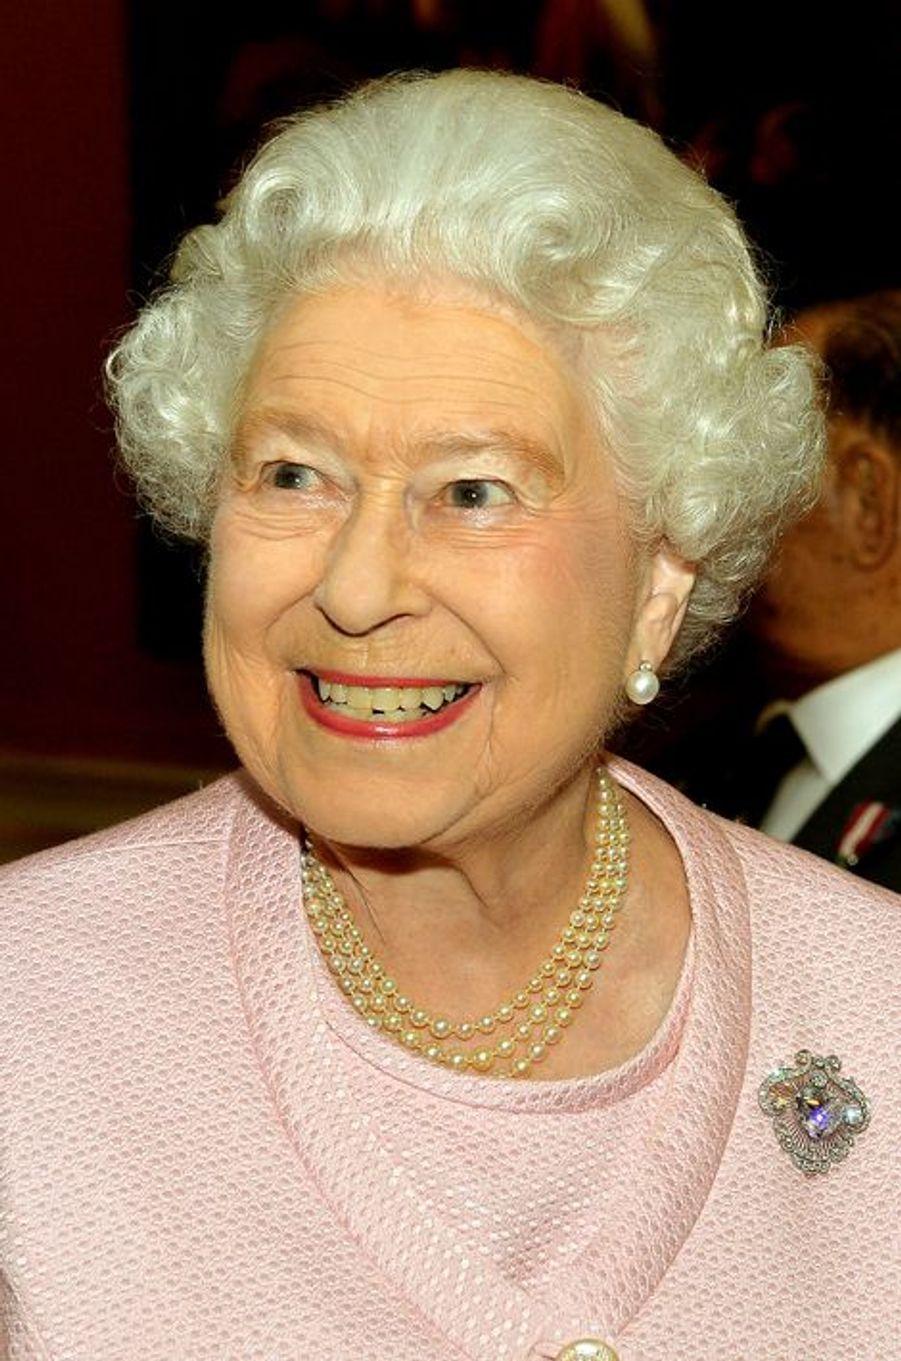 La reine d'Angleterre Elizabeth II dans son palais de Buckingham, le 28 octobre 2014